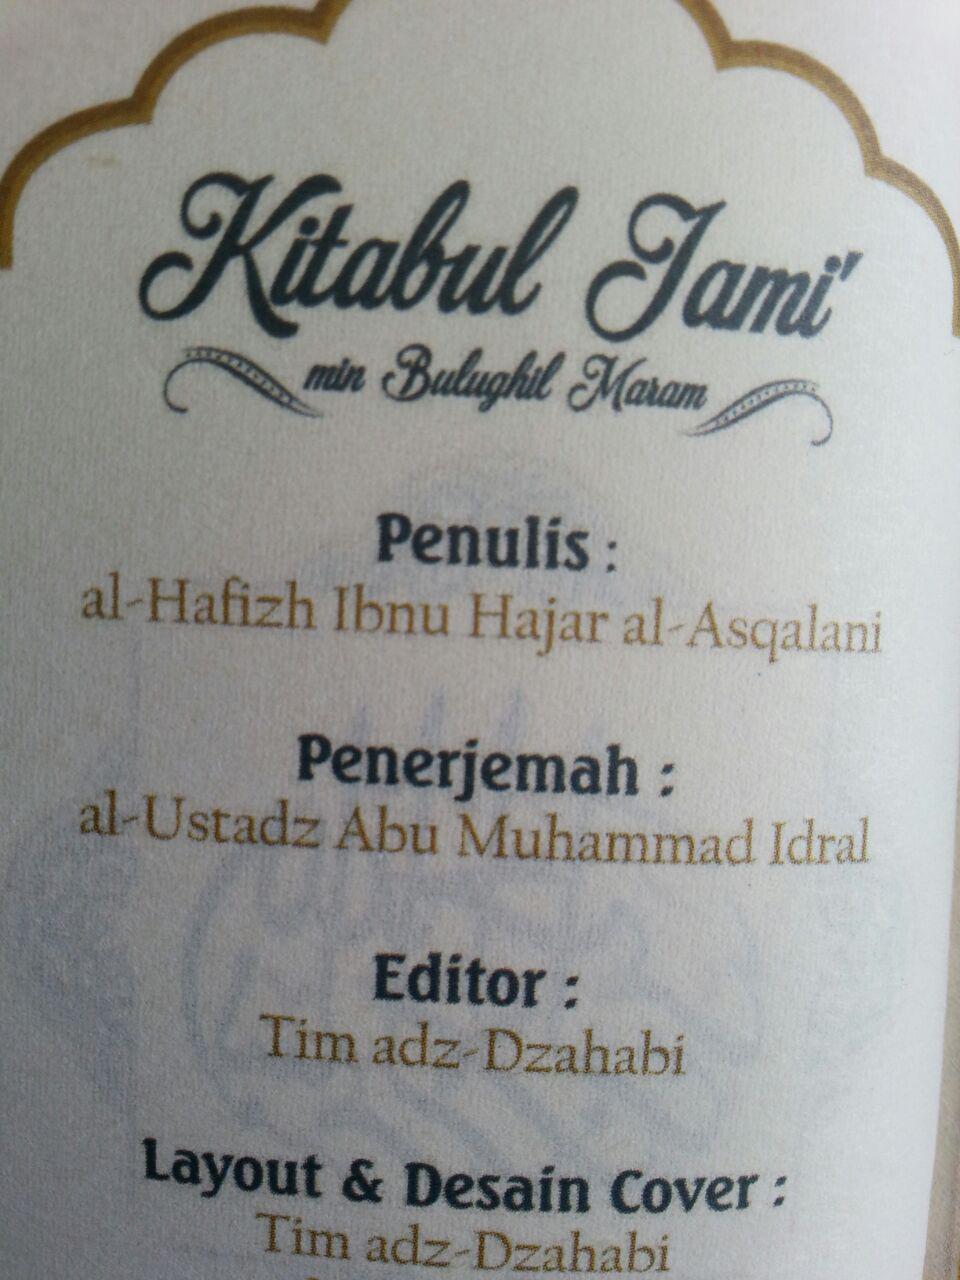 Buku Saku Terjemah Kitabul Jami Dari Bulughul Maram isi